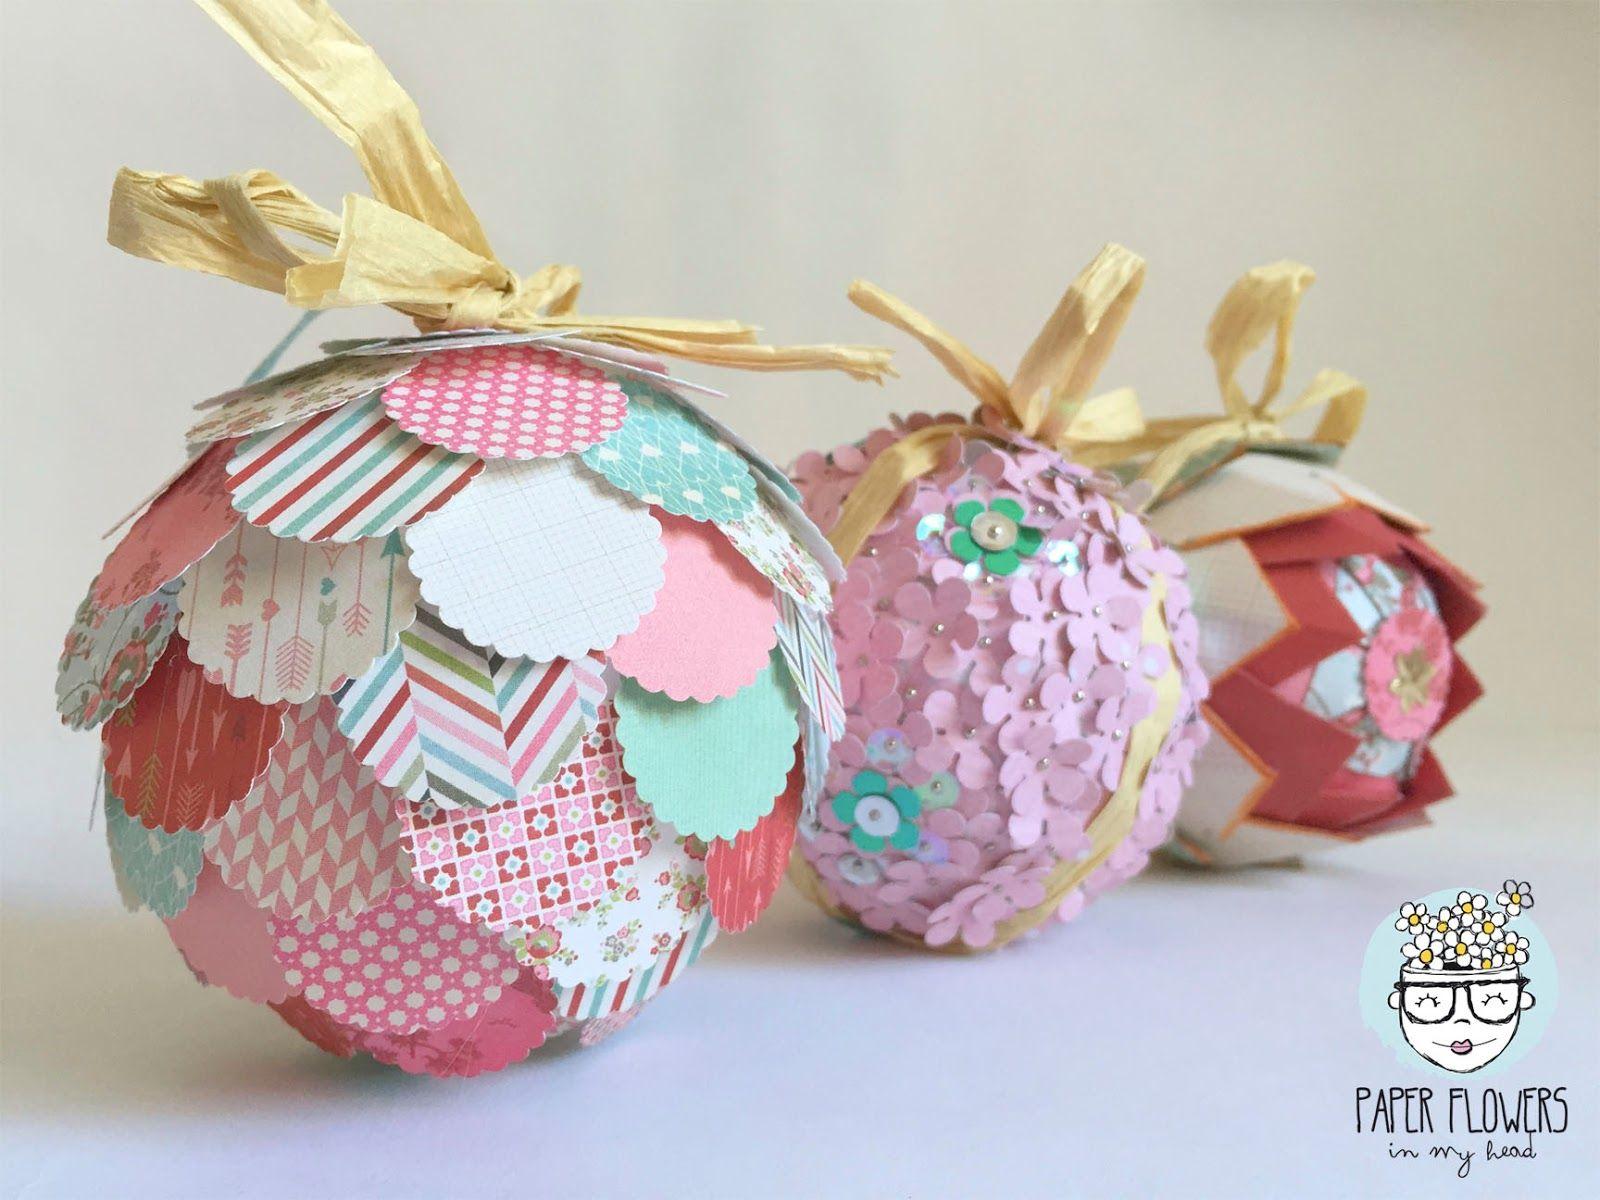 paper flowers in my head ideas para decorar bolas de navidad con papel de scrapbooking - Como Decorar Una Bola De Navidad